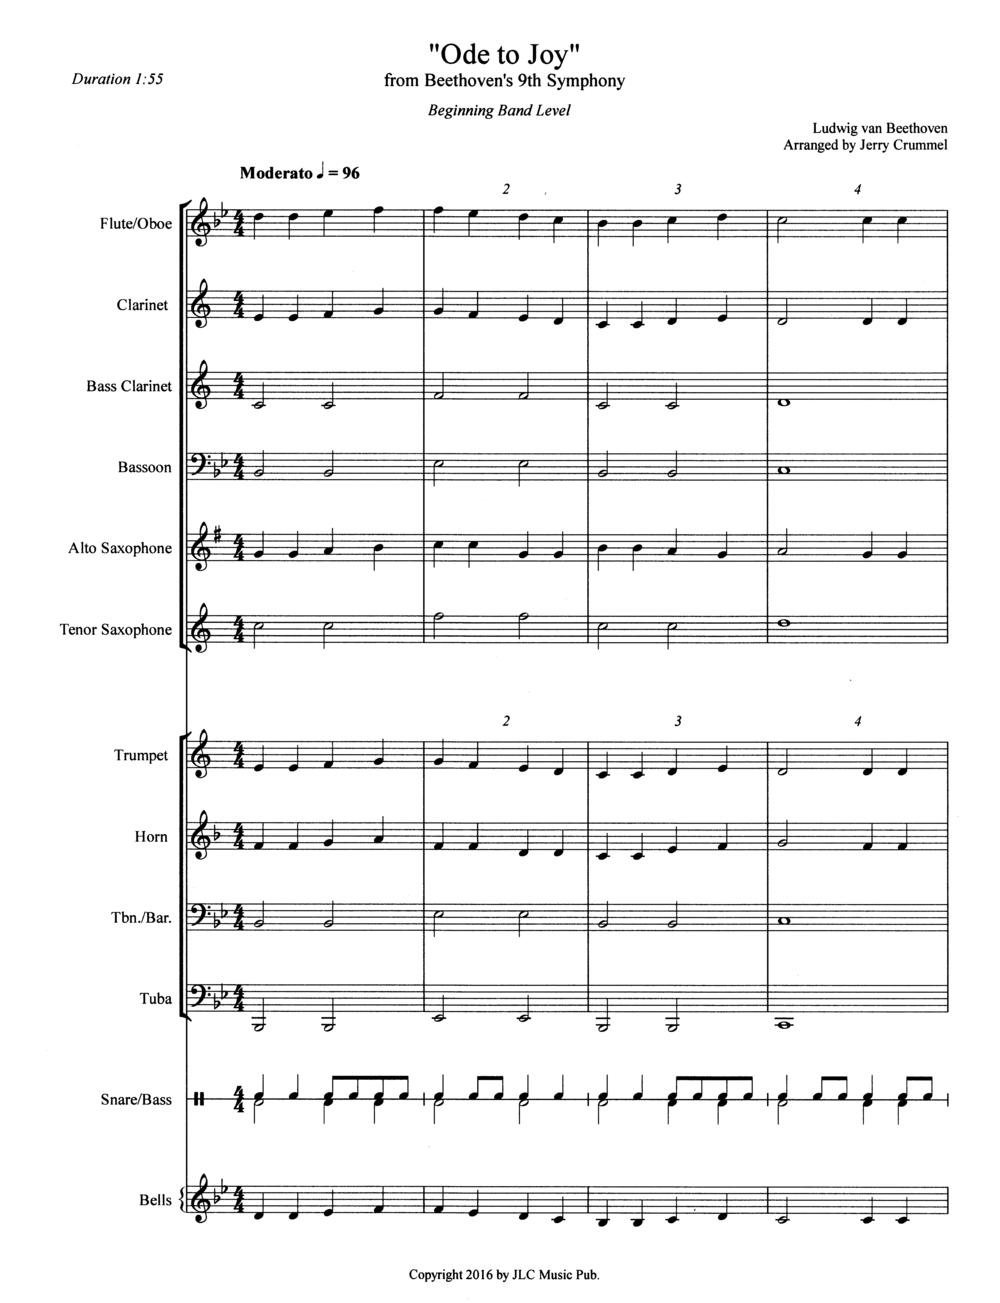 Ode to Joy SCORE p.108262017.png